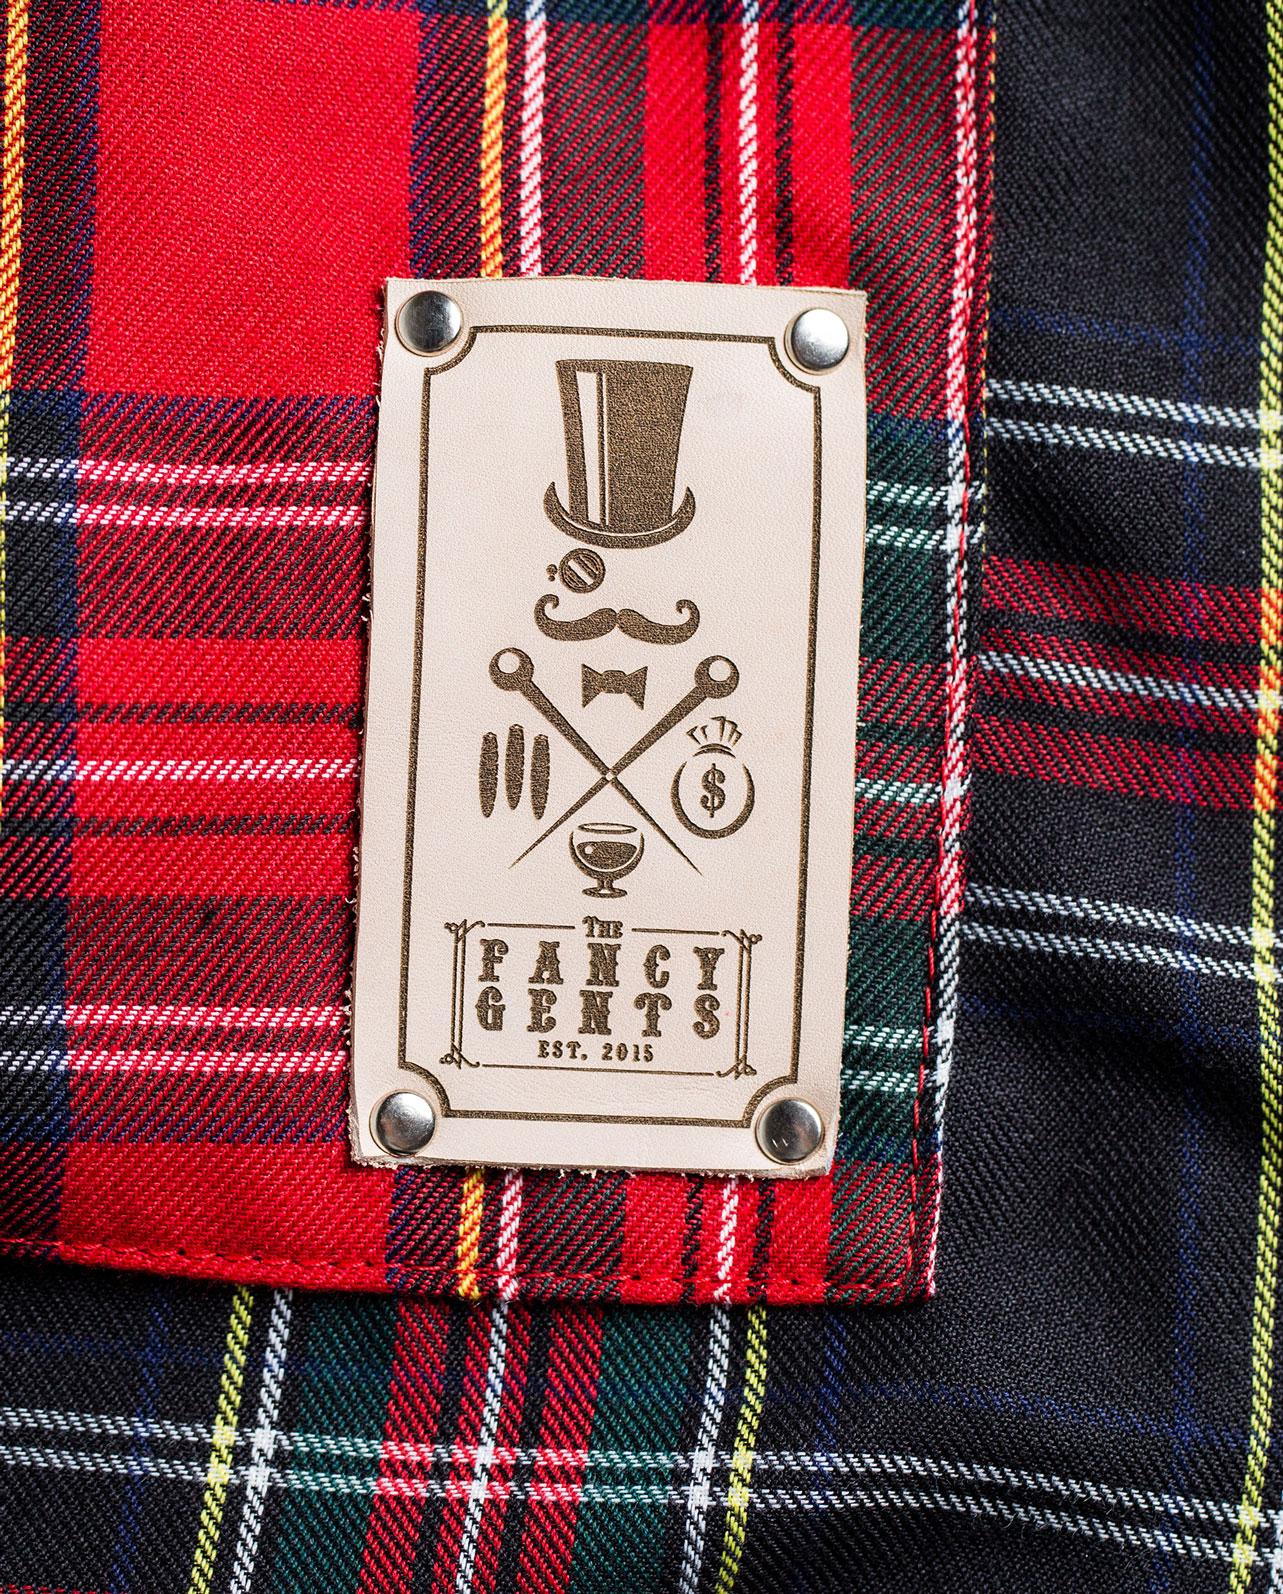 FancyGents Apron Glasgow